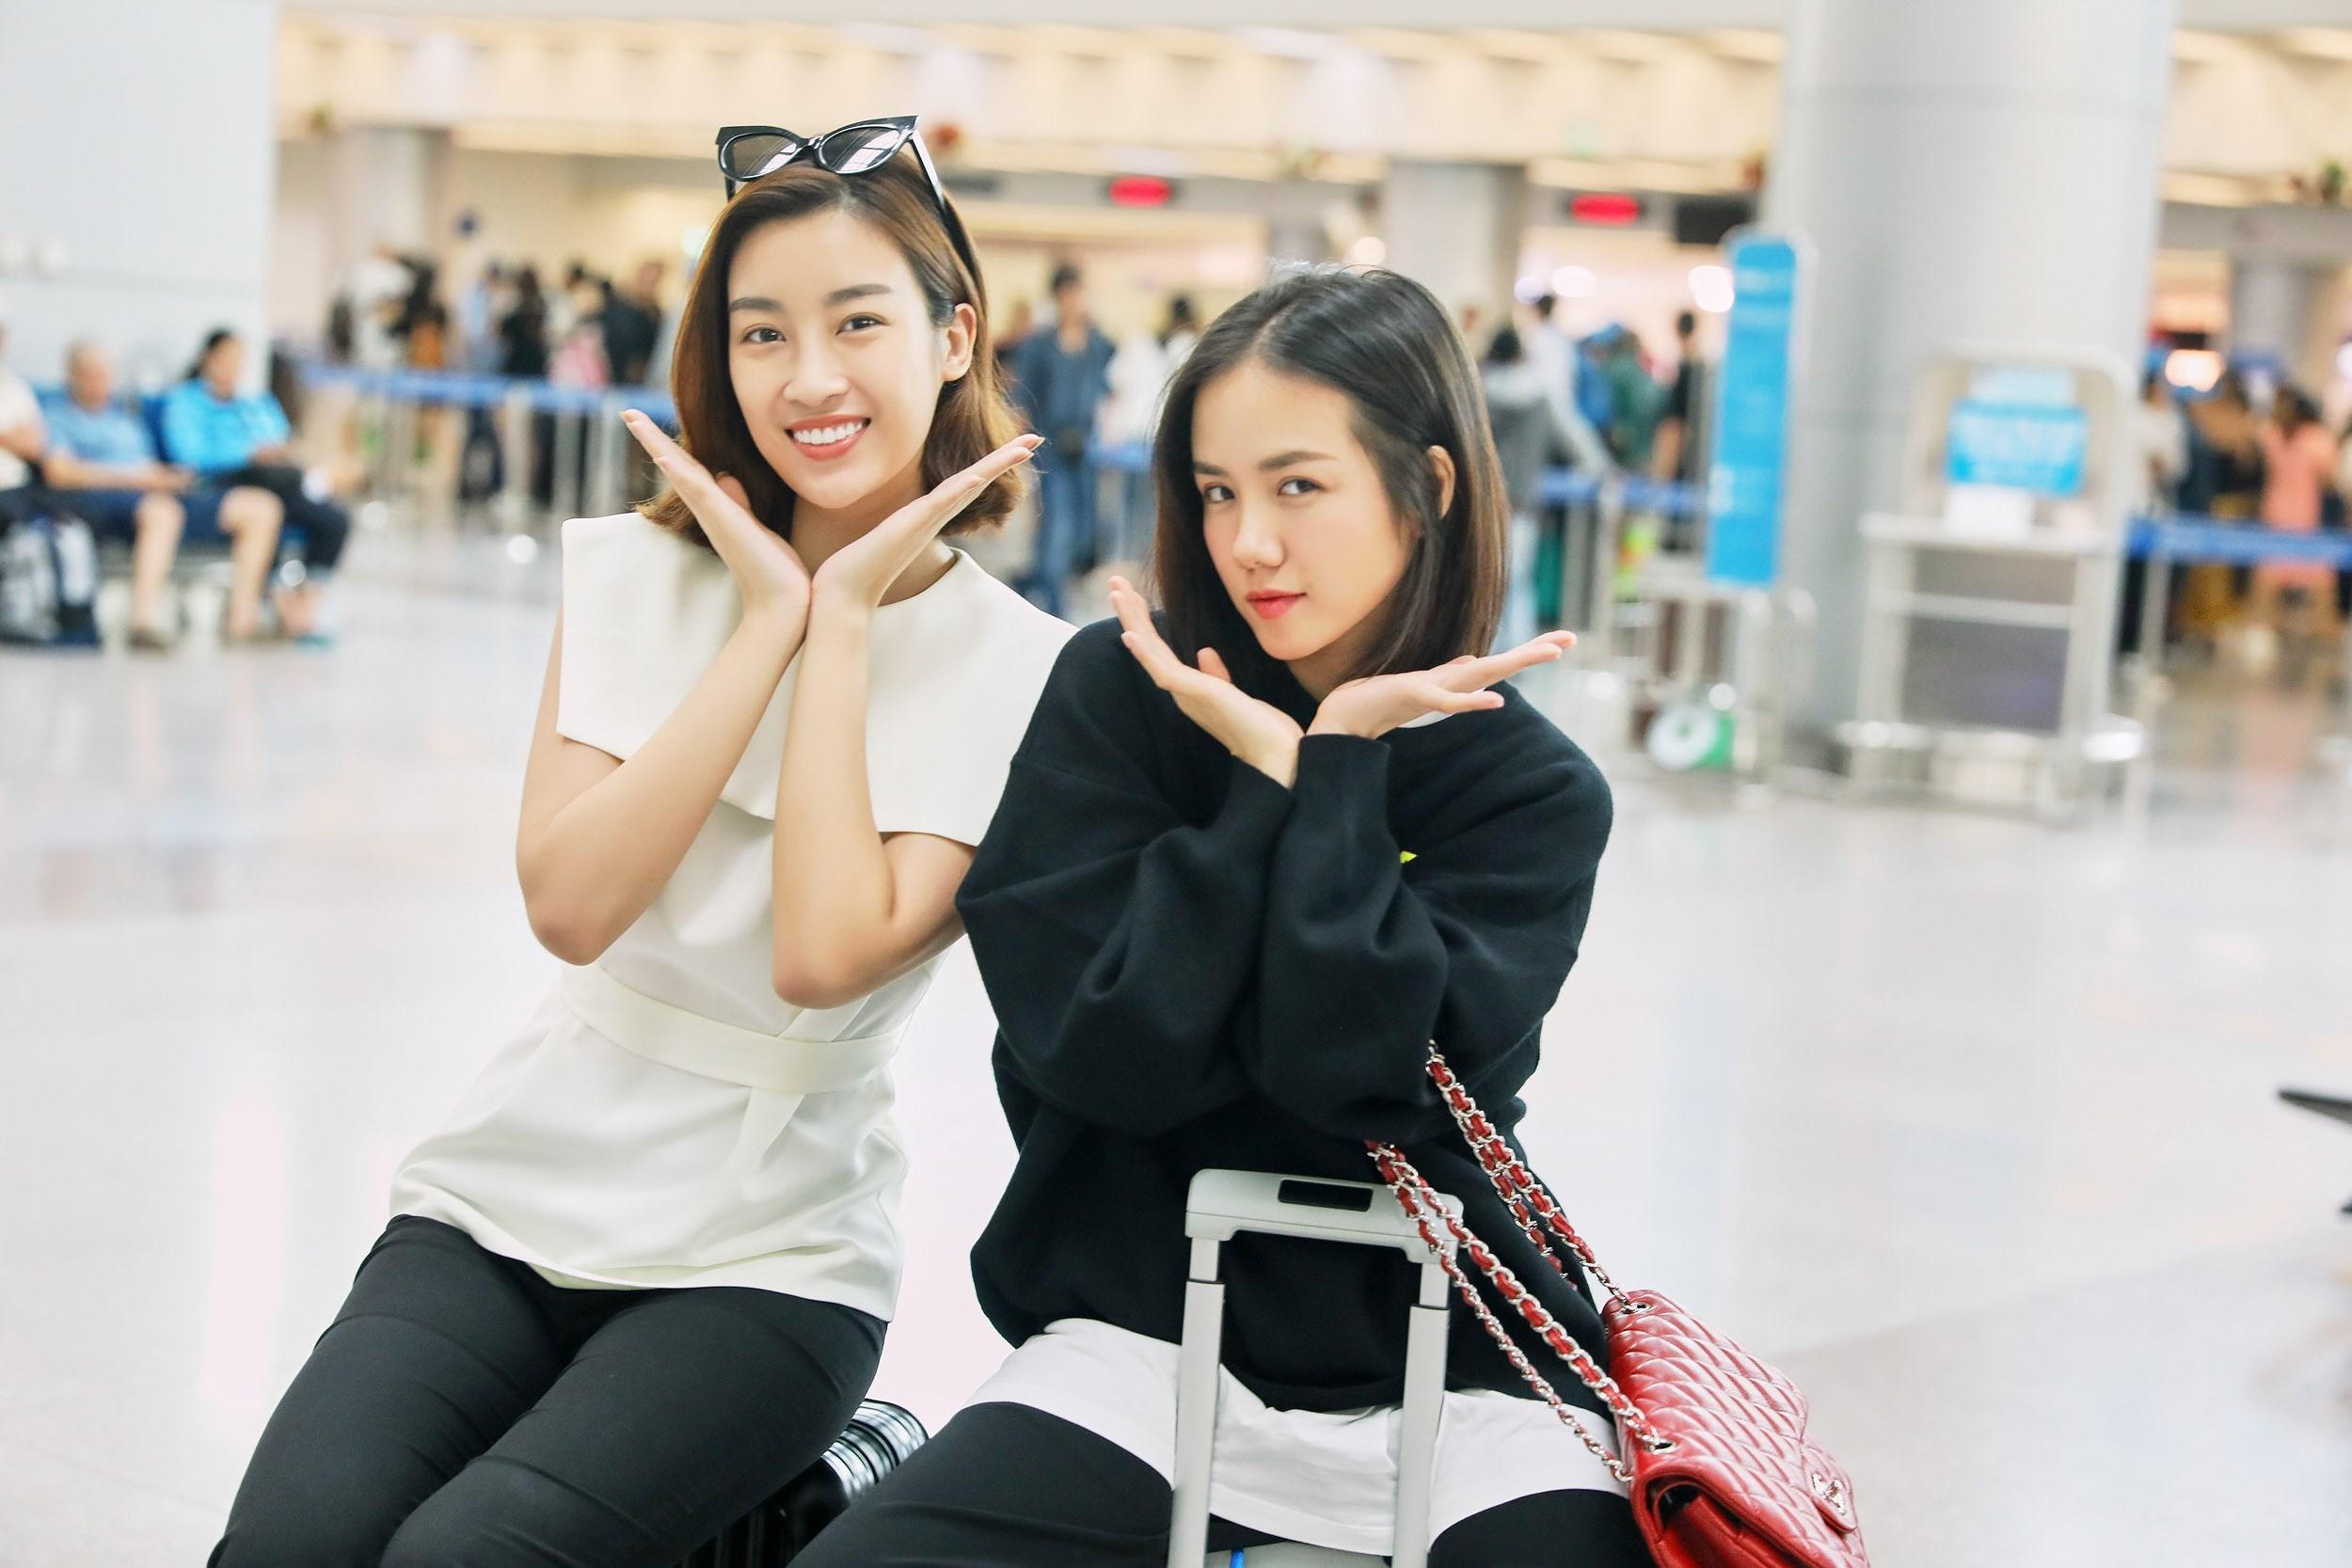 Hoa hậu Đỗ Mỹ Linh và Phương Ly đọ mặt mộc xinh đẹp tại sân bay Ảnh 14